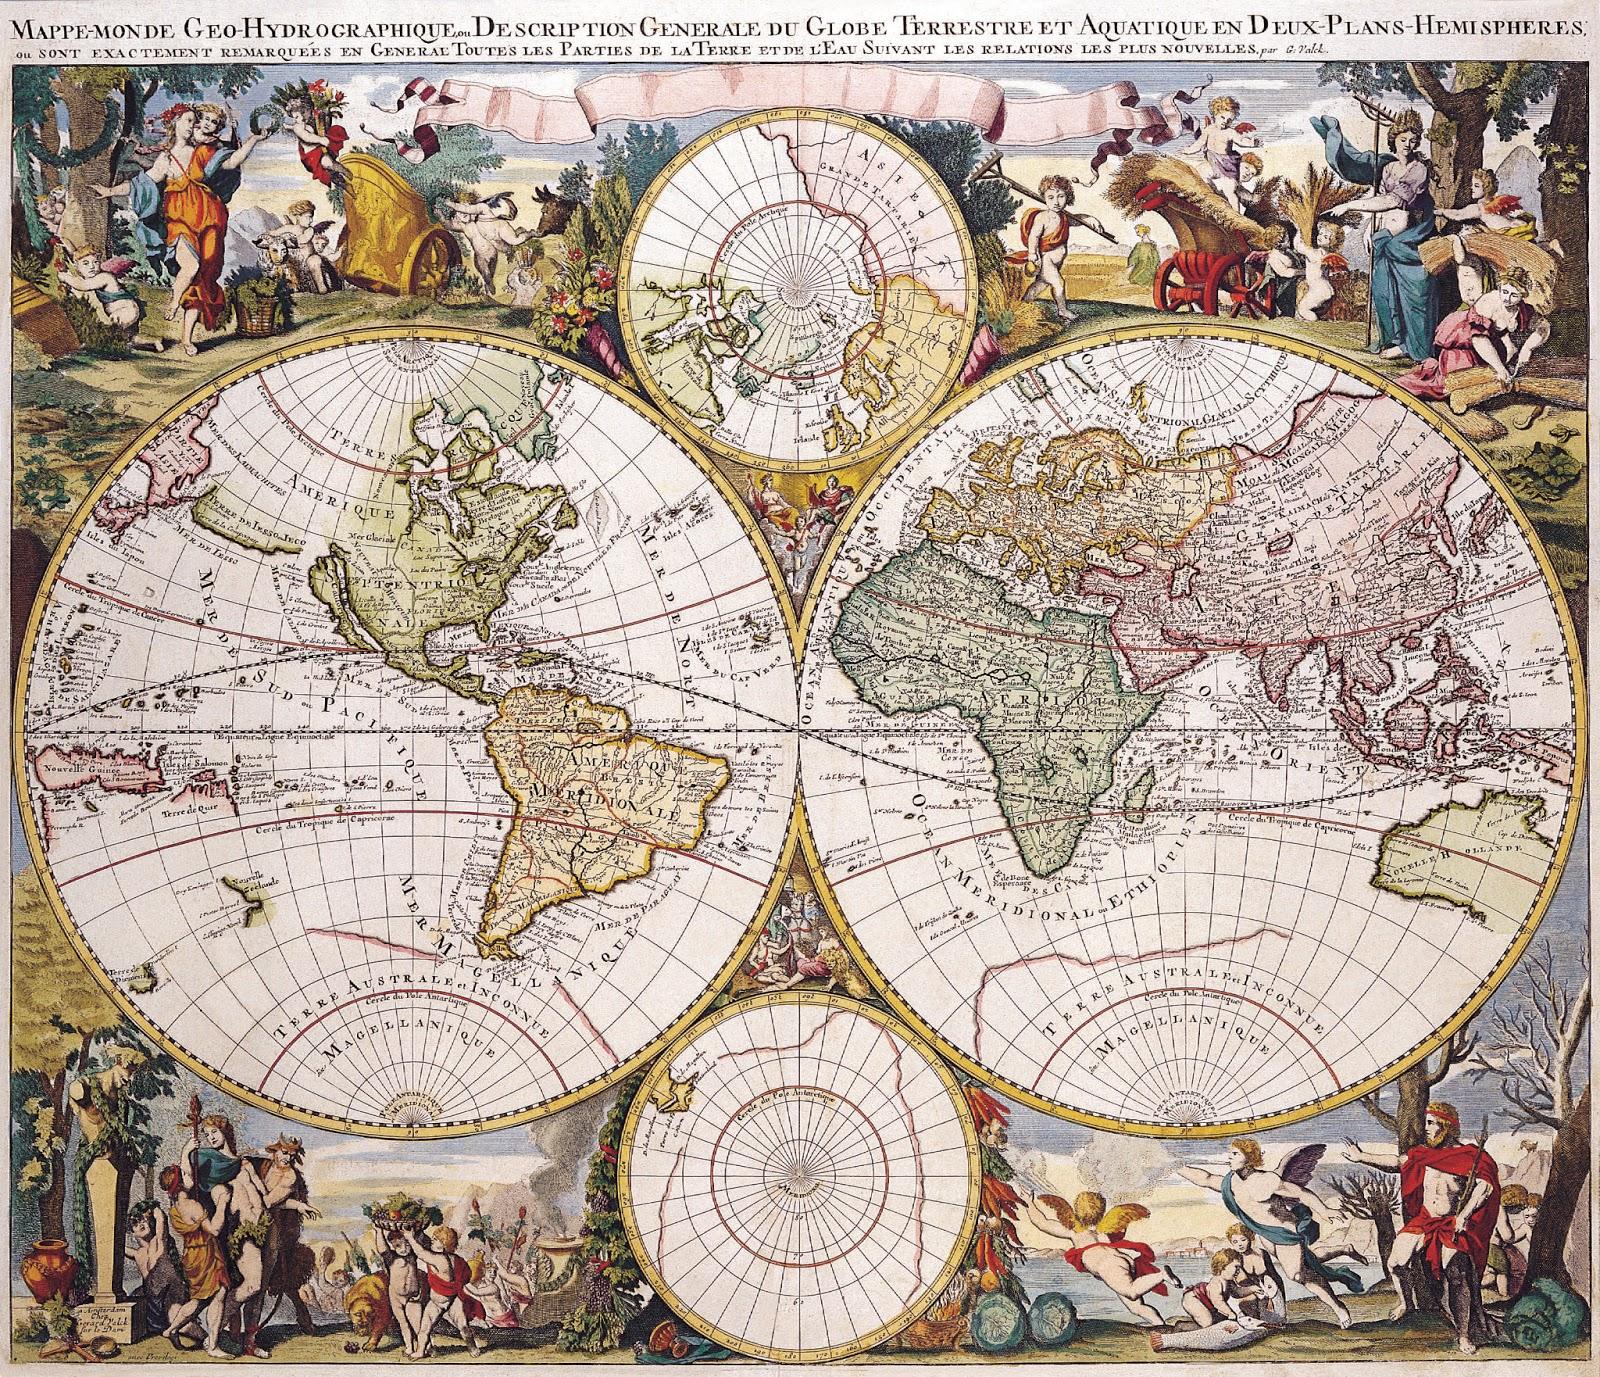 L'art magique: Cartes du monde au XVIIème siècle